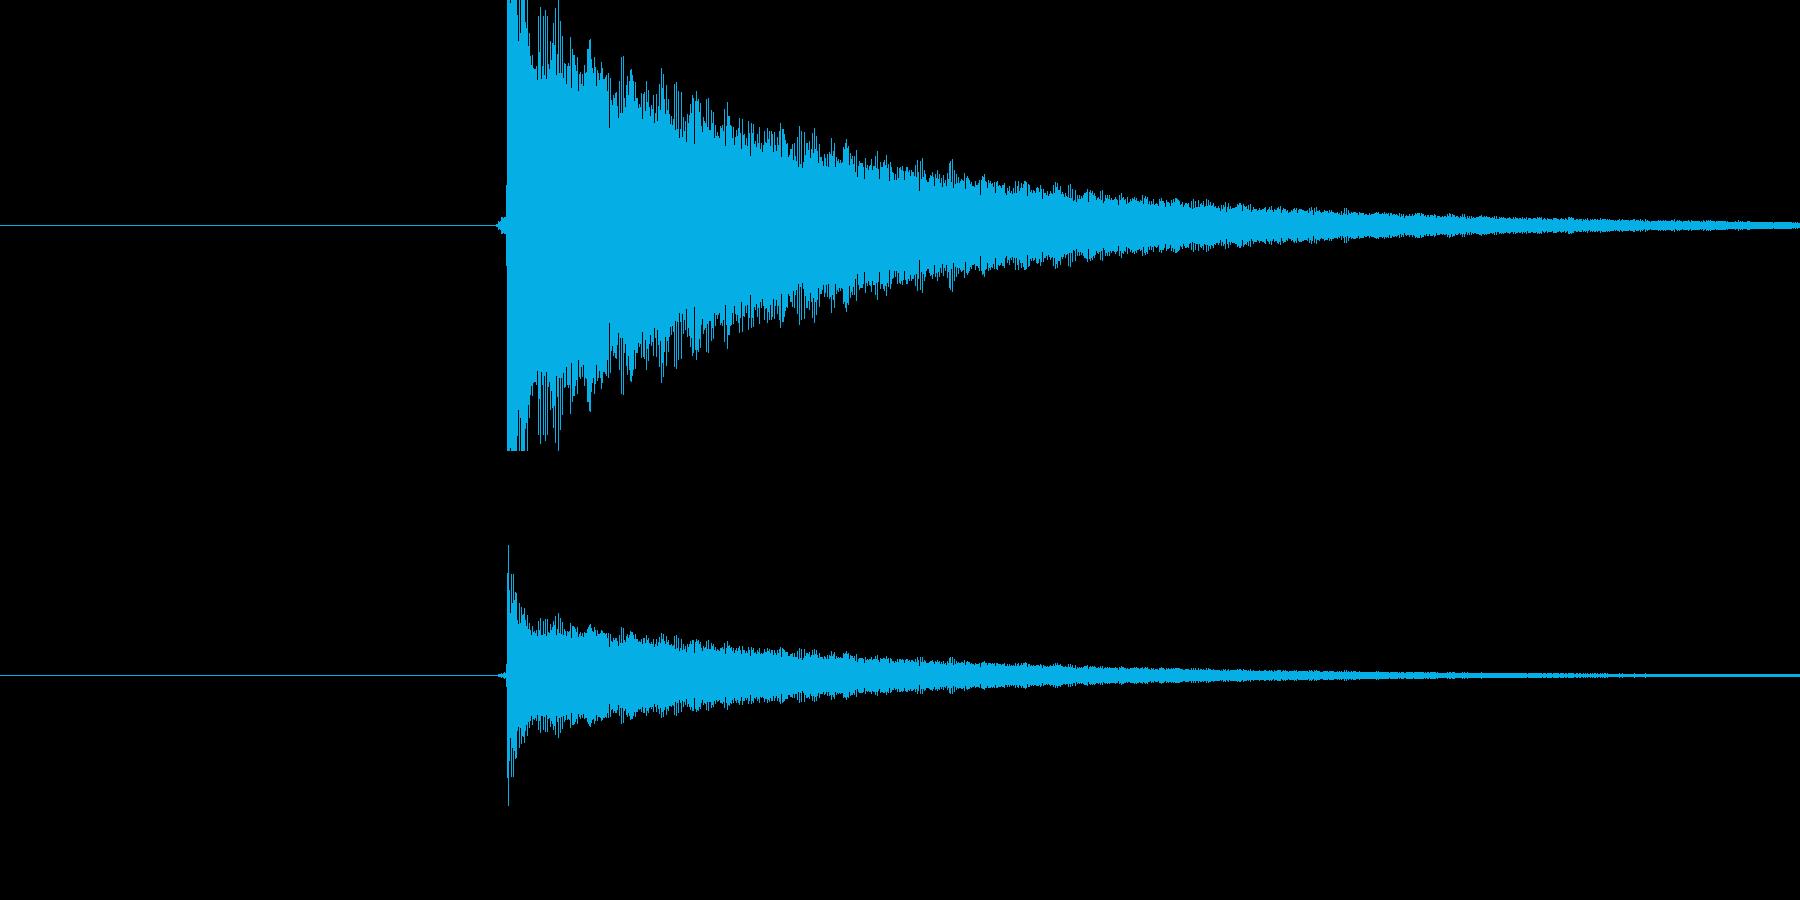 チーン(トライアングルの音)の再生済みの波形